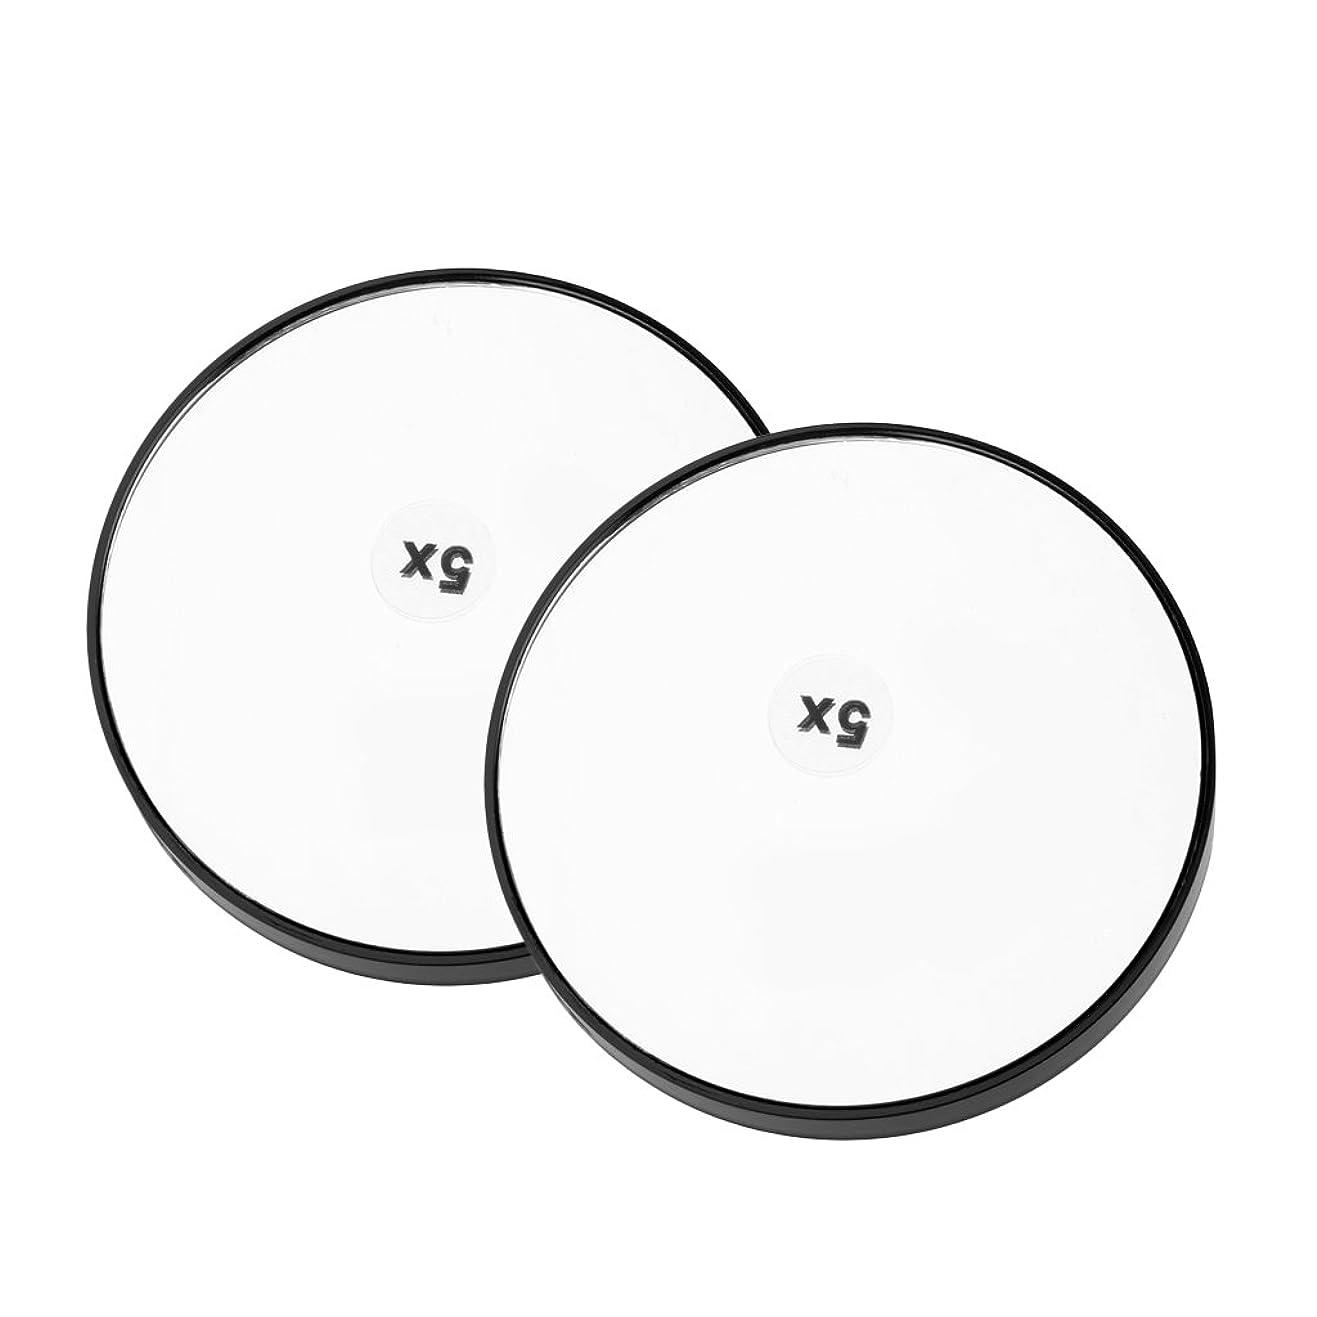 雷雨数学的なれるFenteer 2個 メイクアップミラー サクションミラー 化粧ミラー 拡大鏡 サクションカップ 吸引カップ 便利 3タイプ選べる  - 5倍拡大